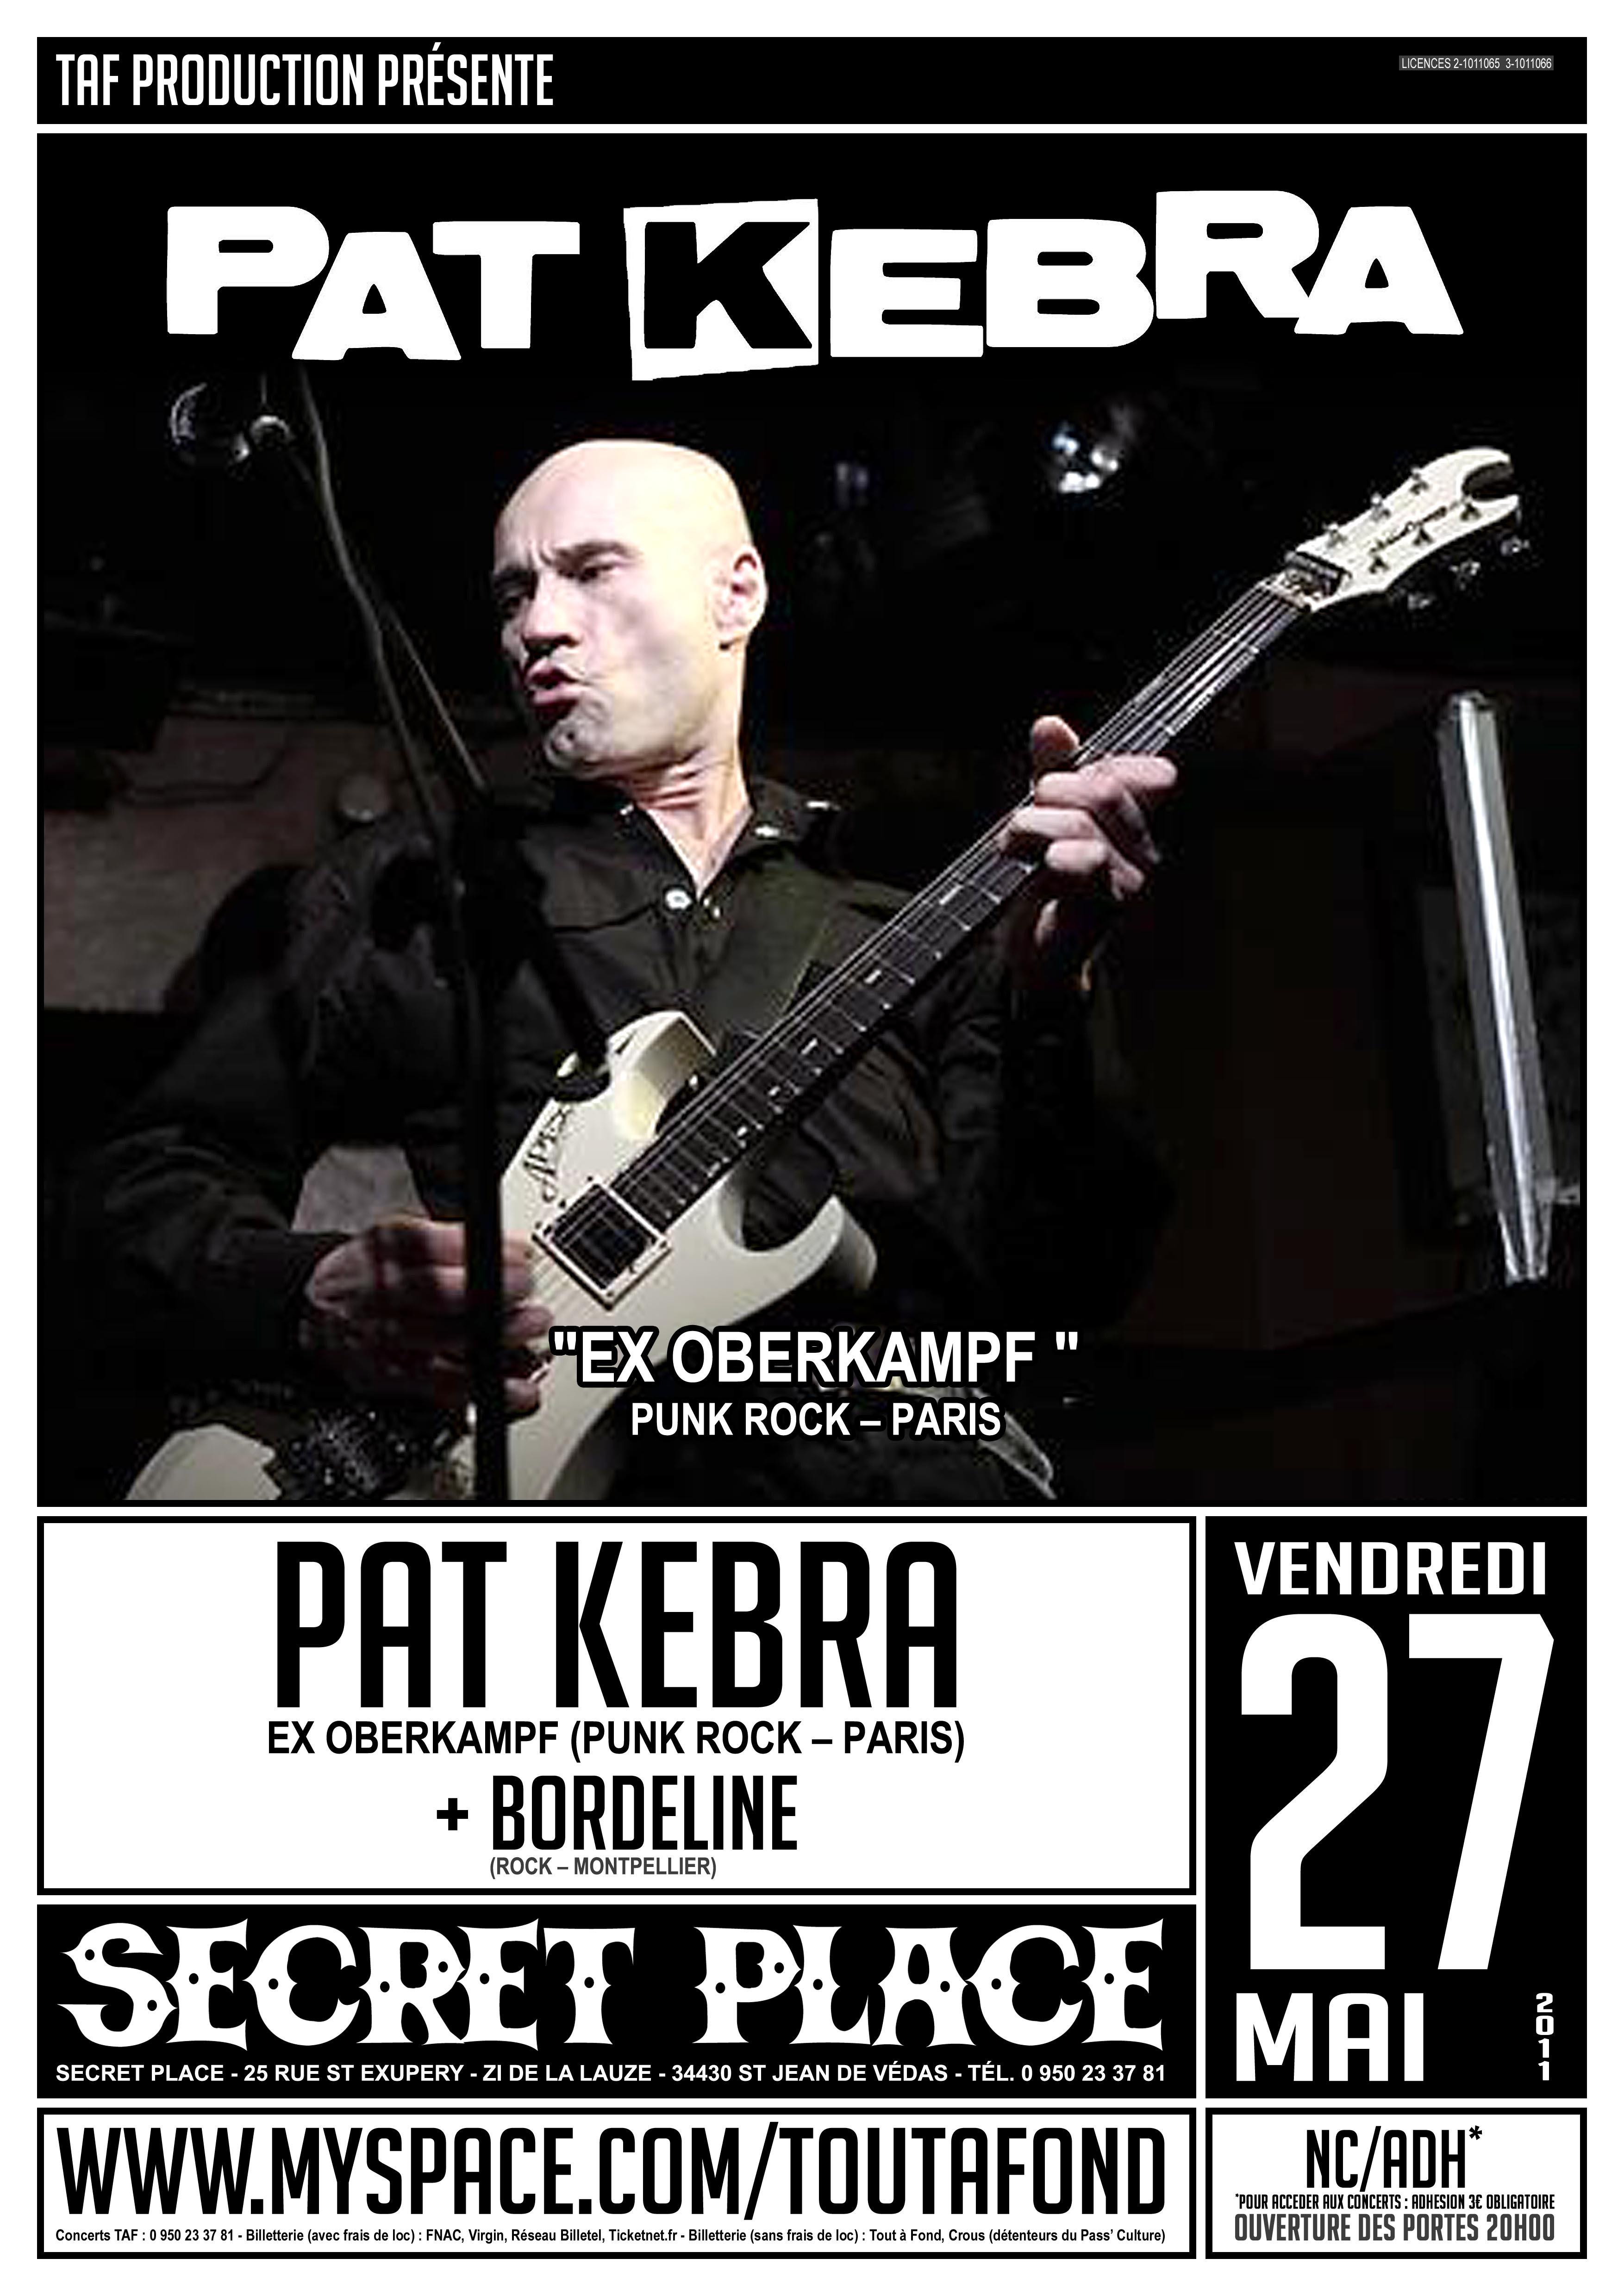 Pat kebra ex oberkampf borderline the ascendants secret place 34 saint jean de v das - Electro depot st jean de vedas ...